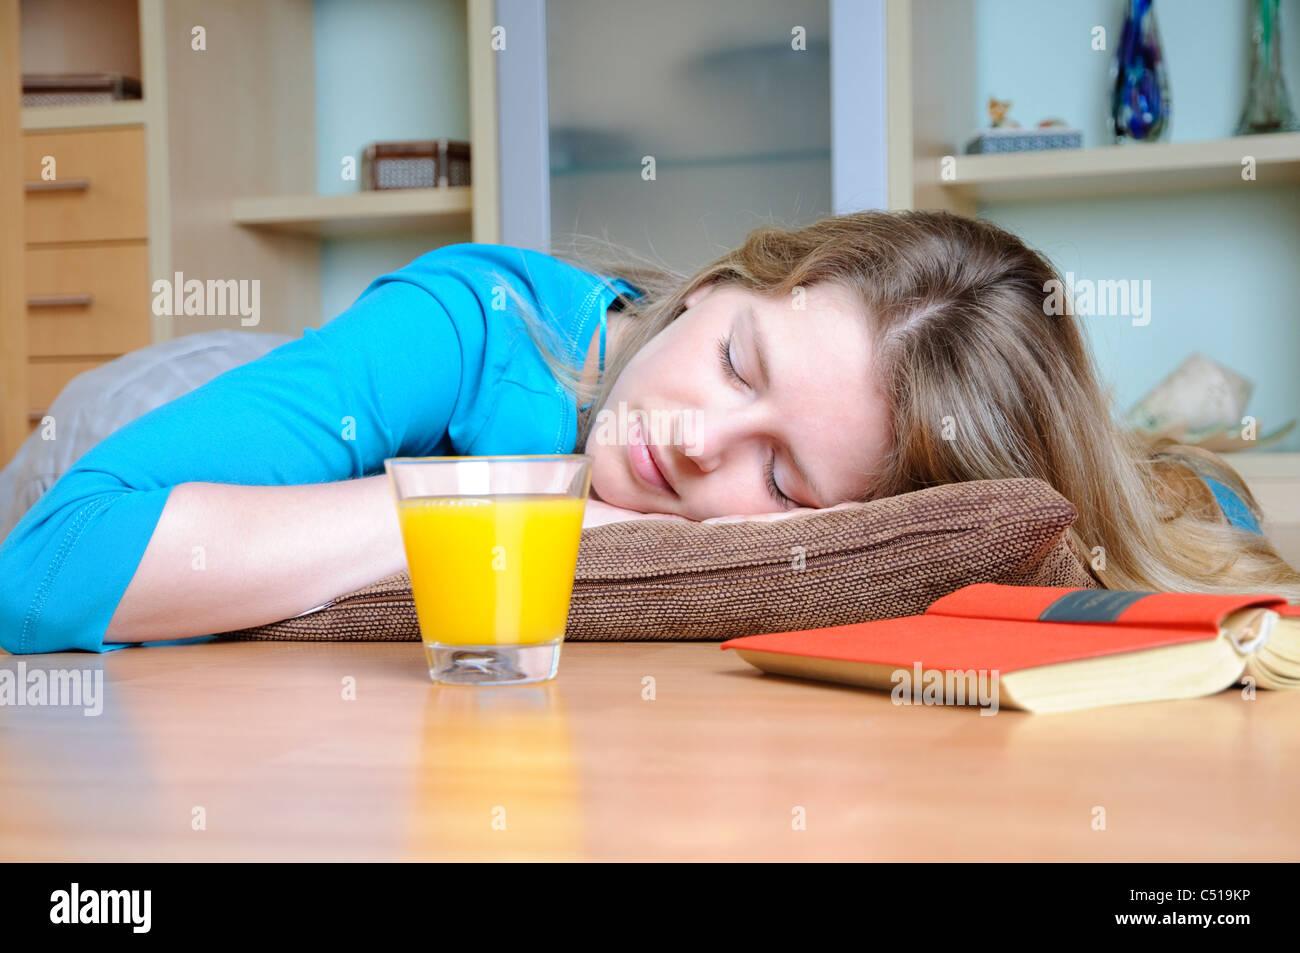 Woman sleeping on the floor - Stock Image